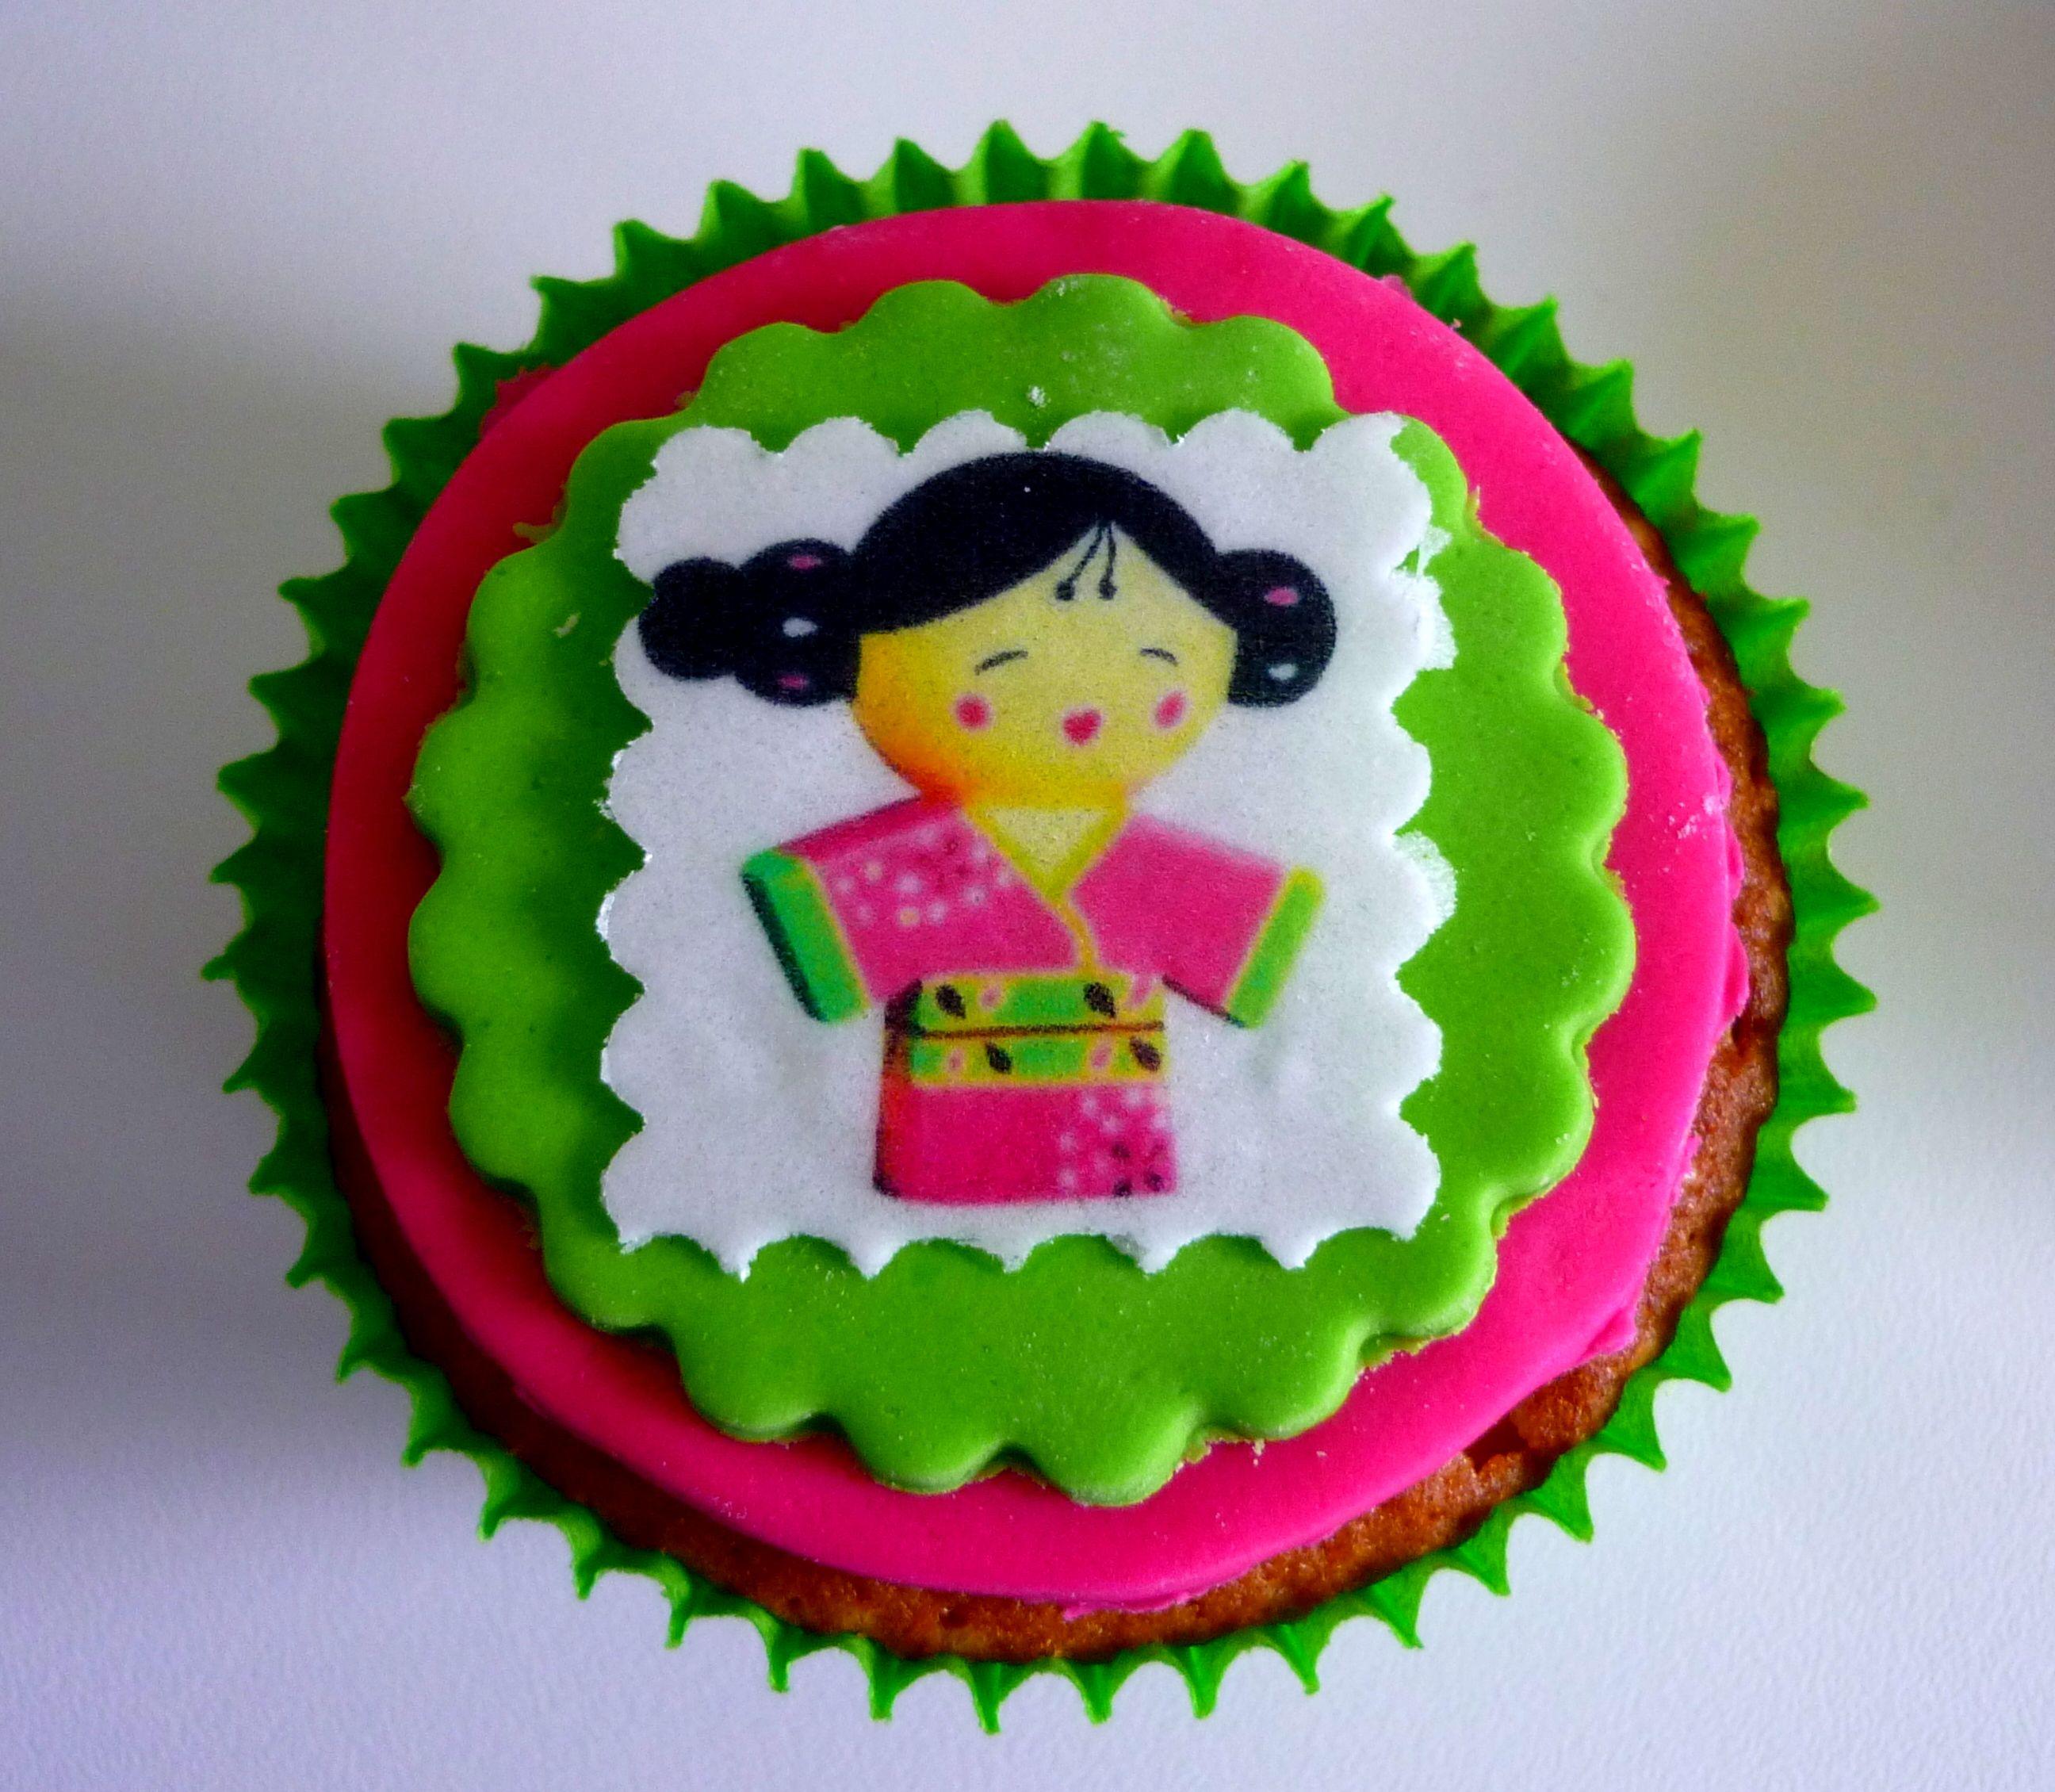 In de cupcake zit een speciale boodschap.